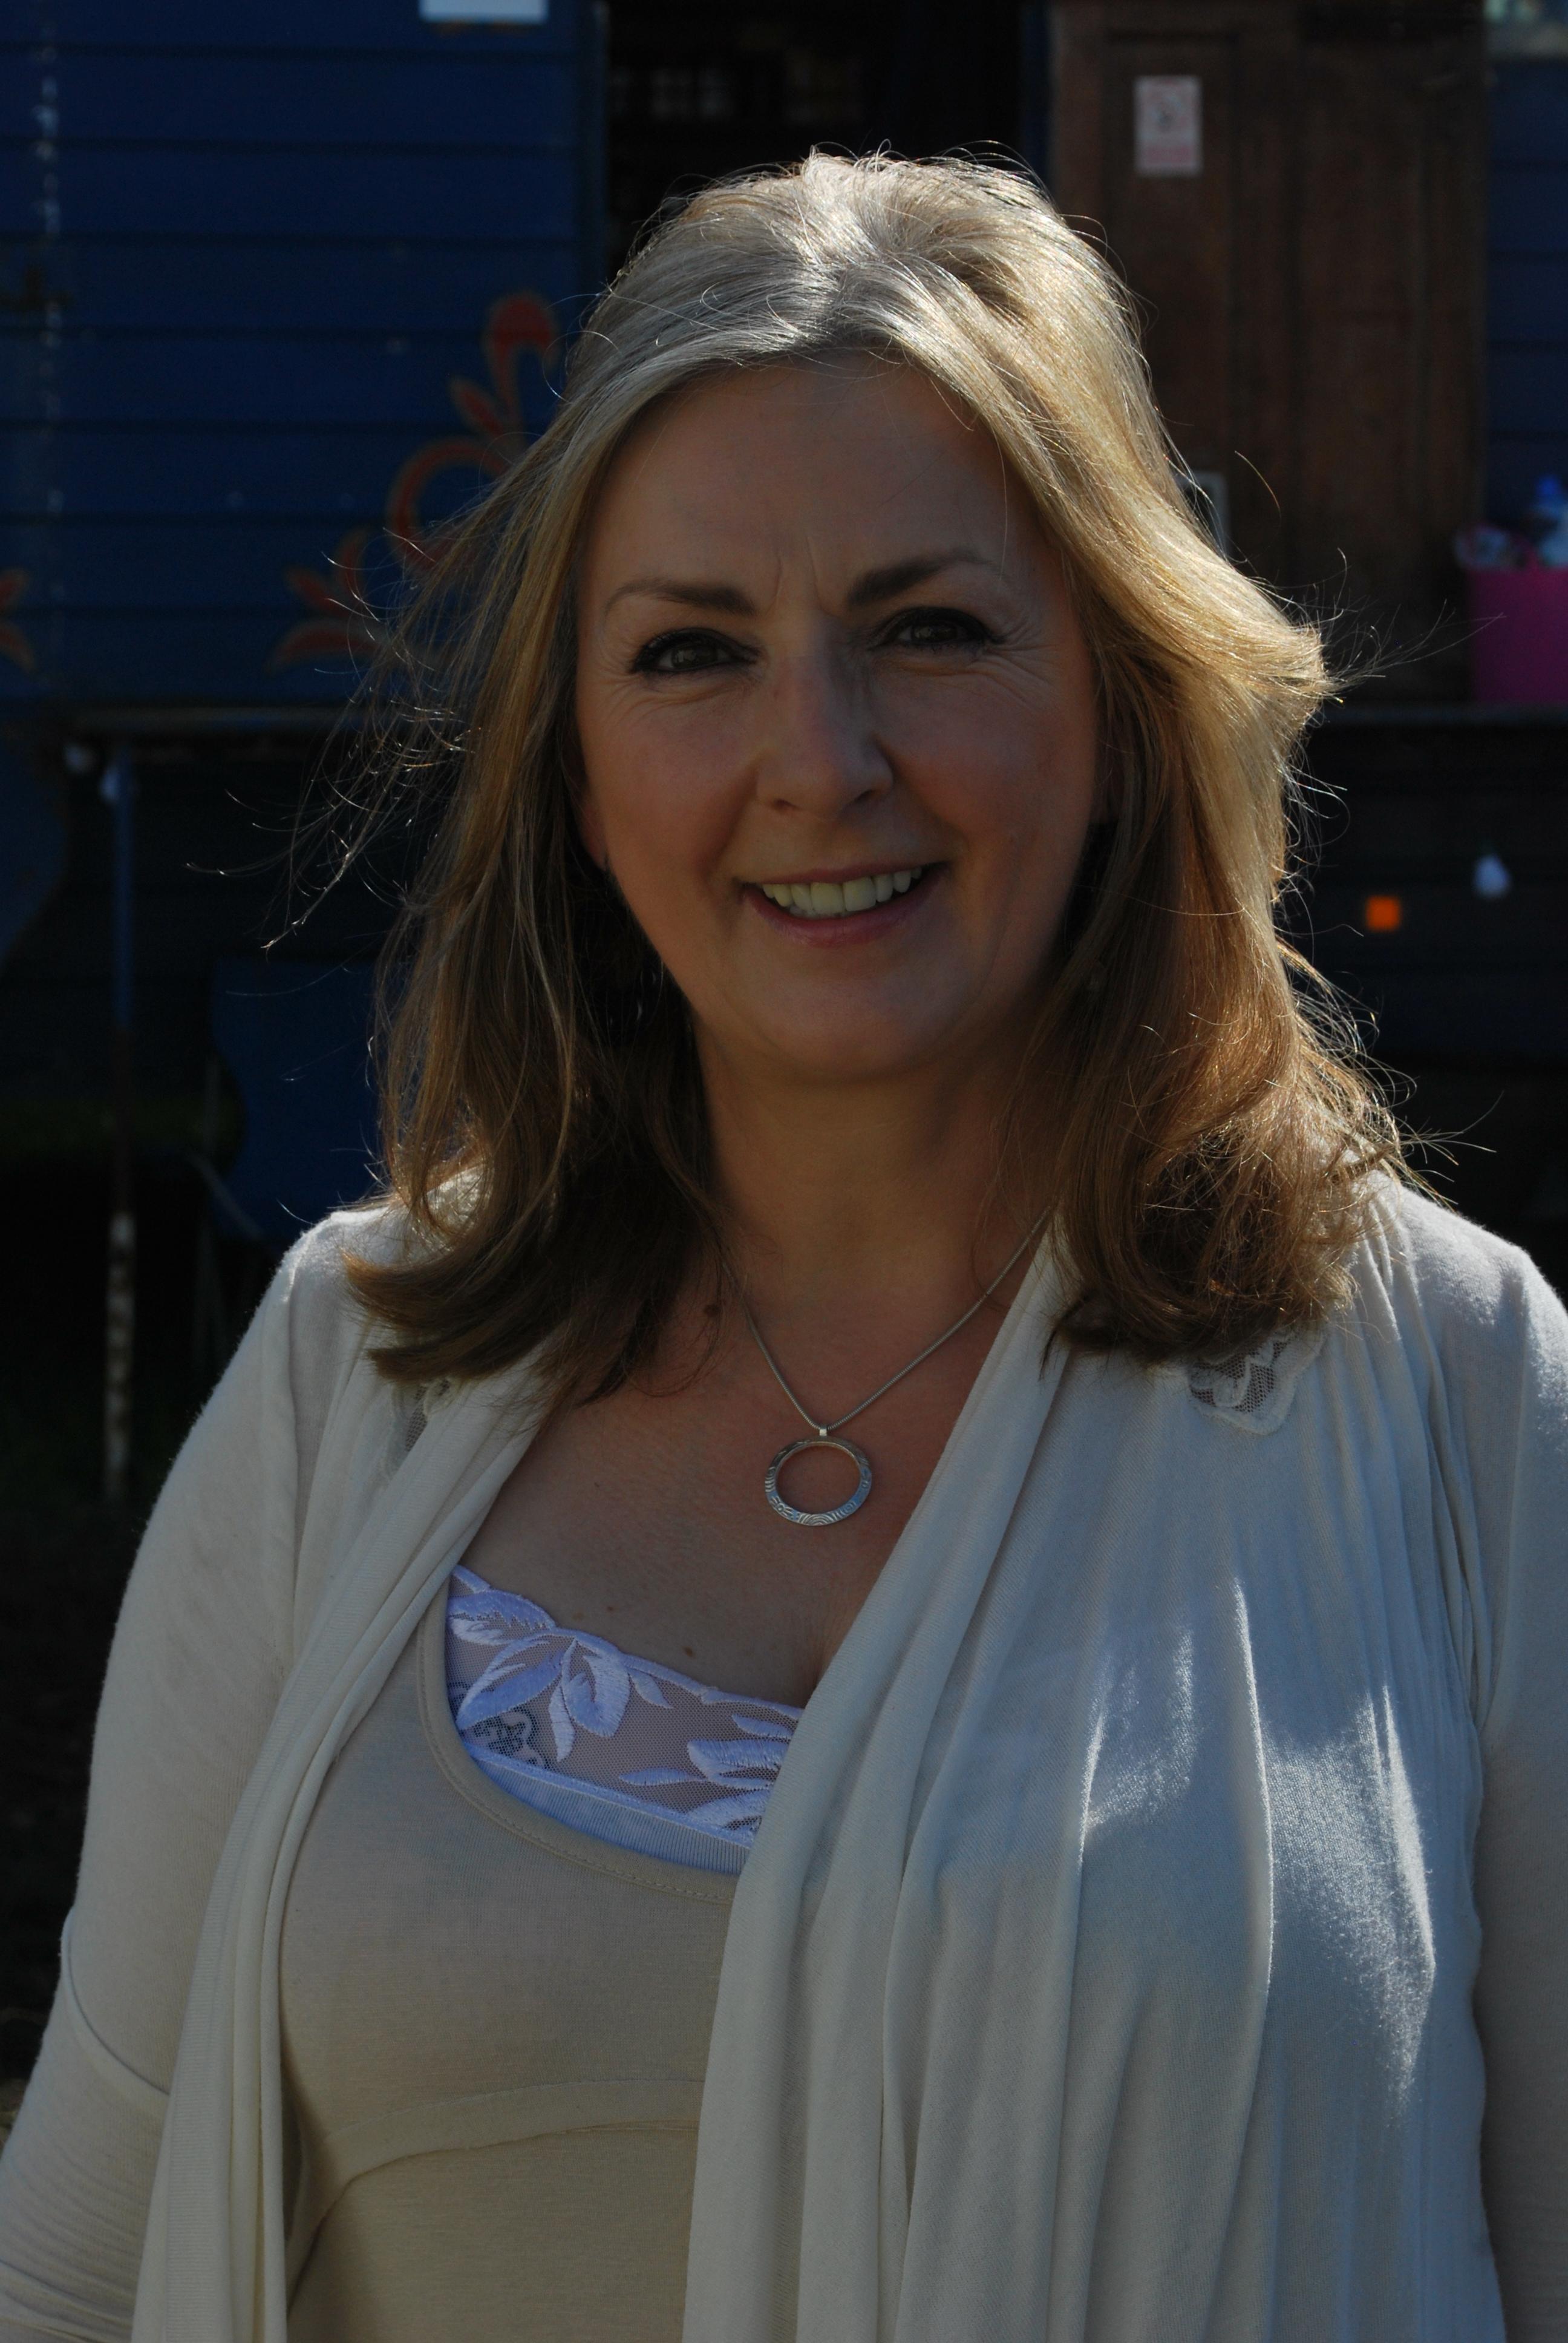 Moya Brennan backstage at Glastonbury 2011